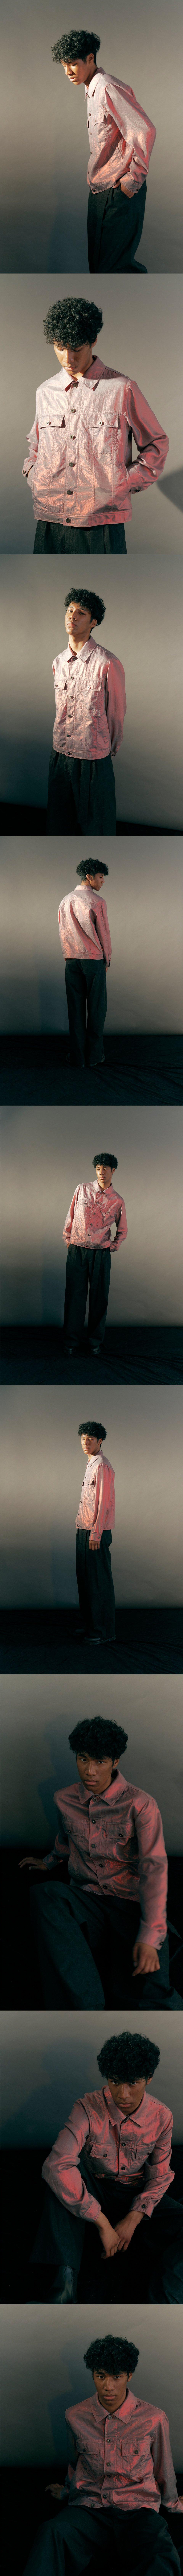 Image of FLOWERIG VINE WIDE PANTS